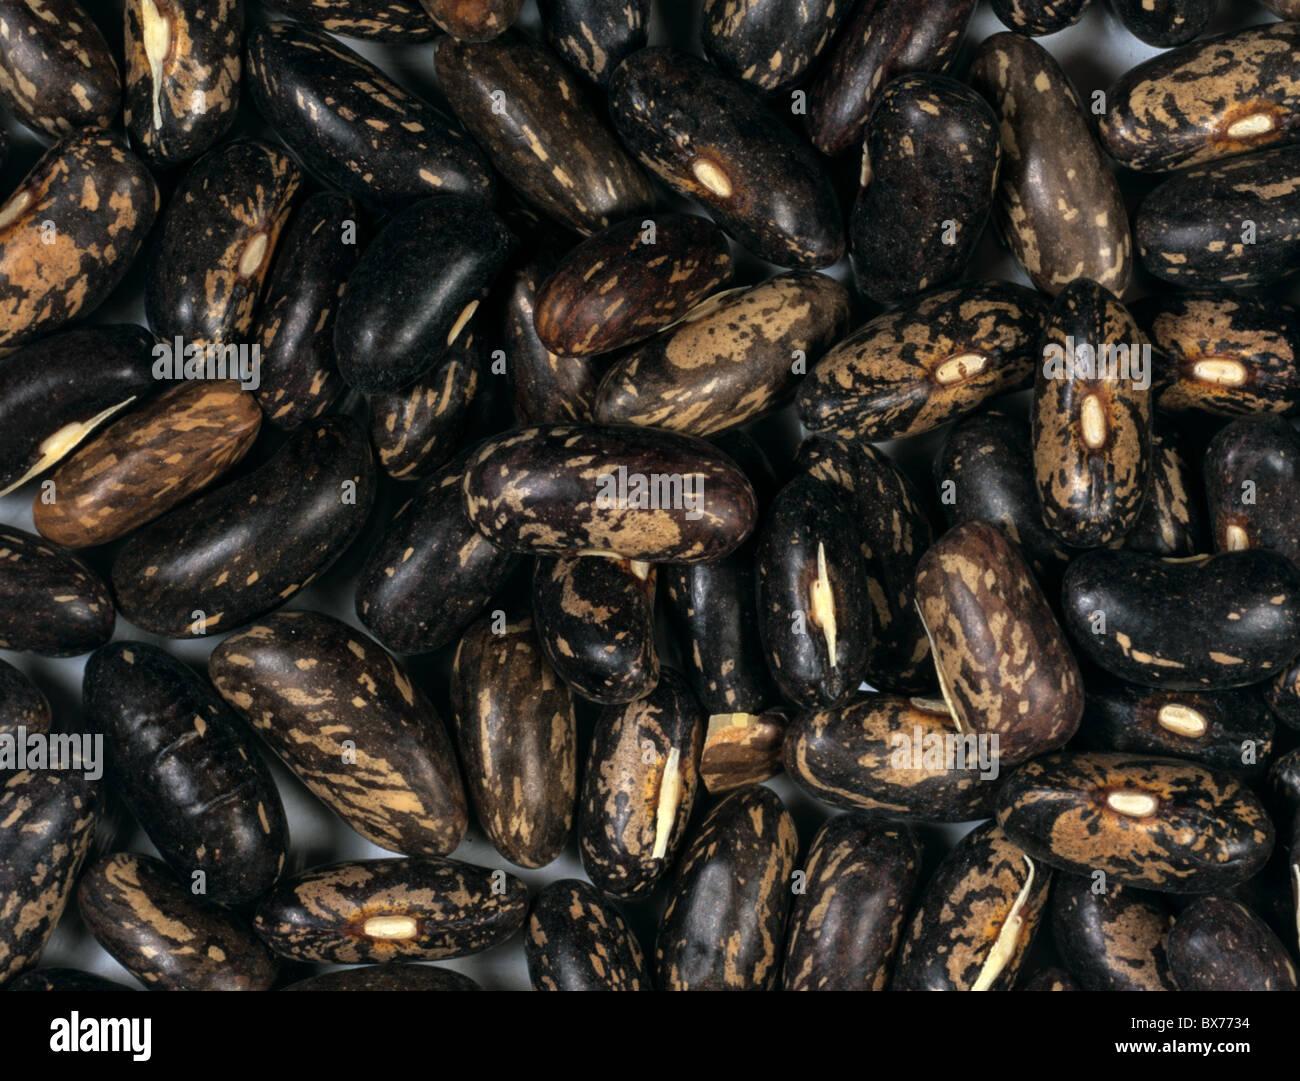 Dwarf bean (Phaseolus vulgaris) seeds - Stock Image